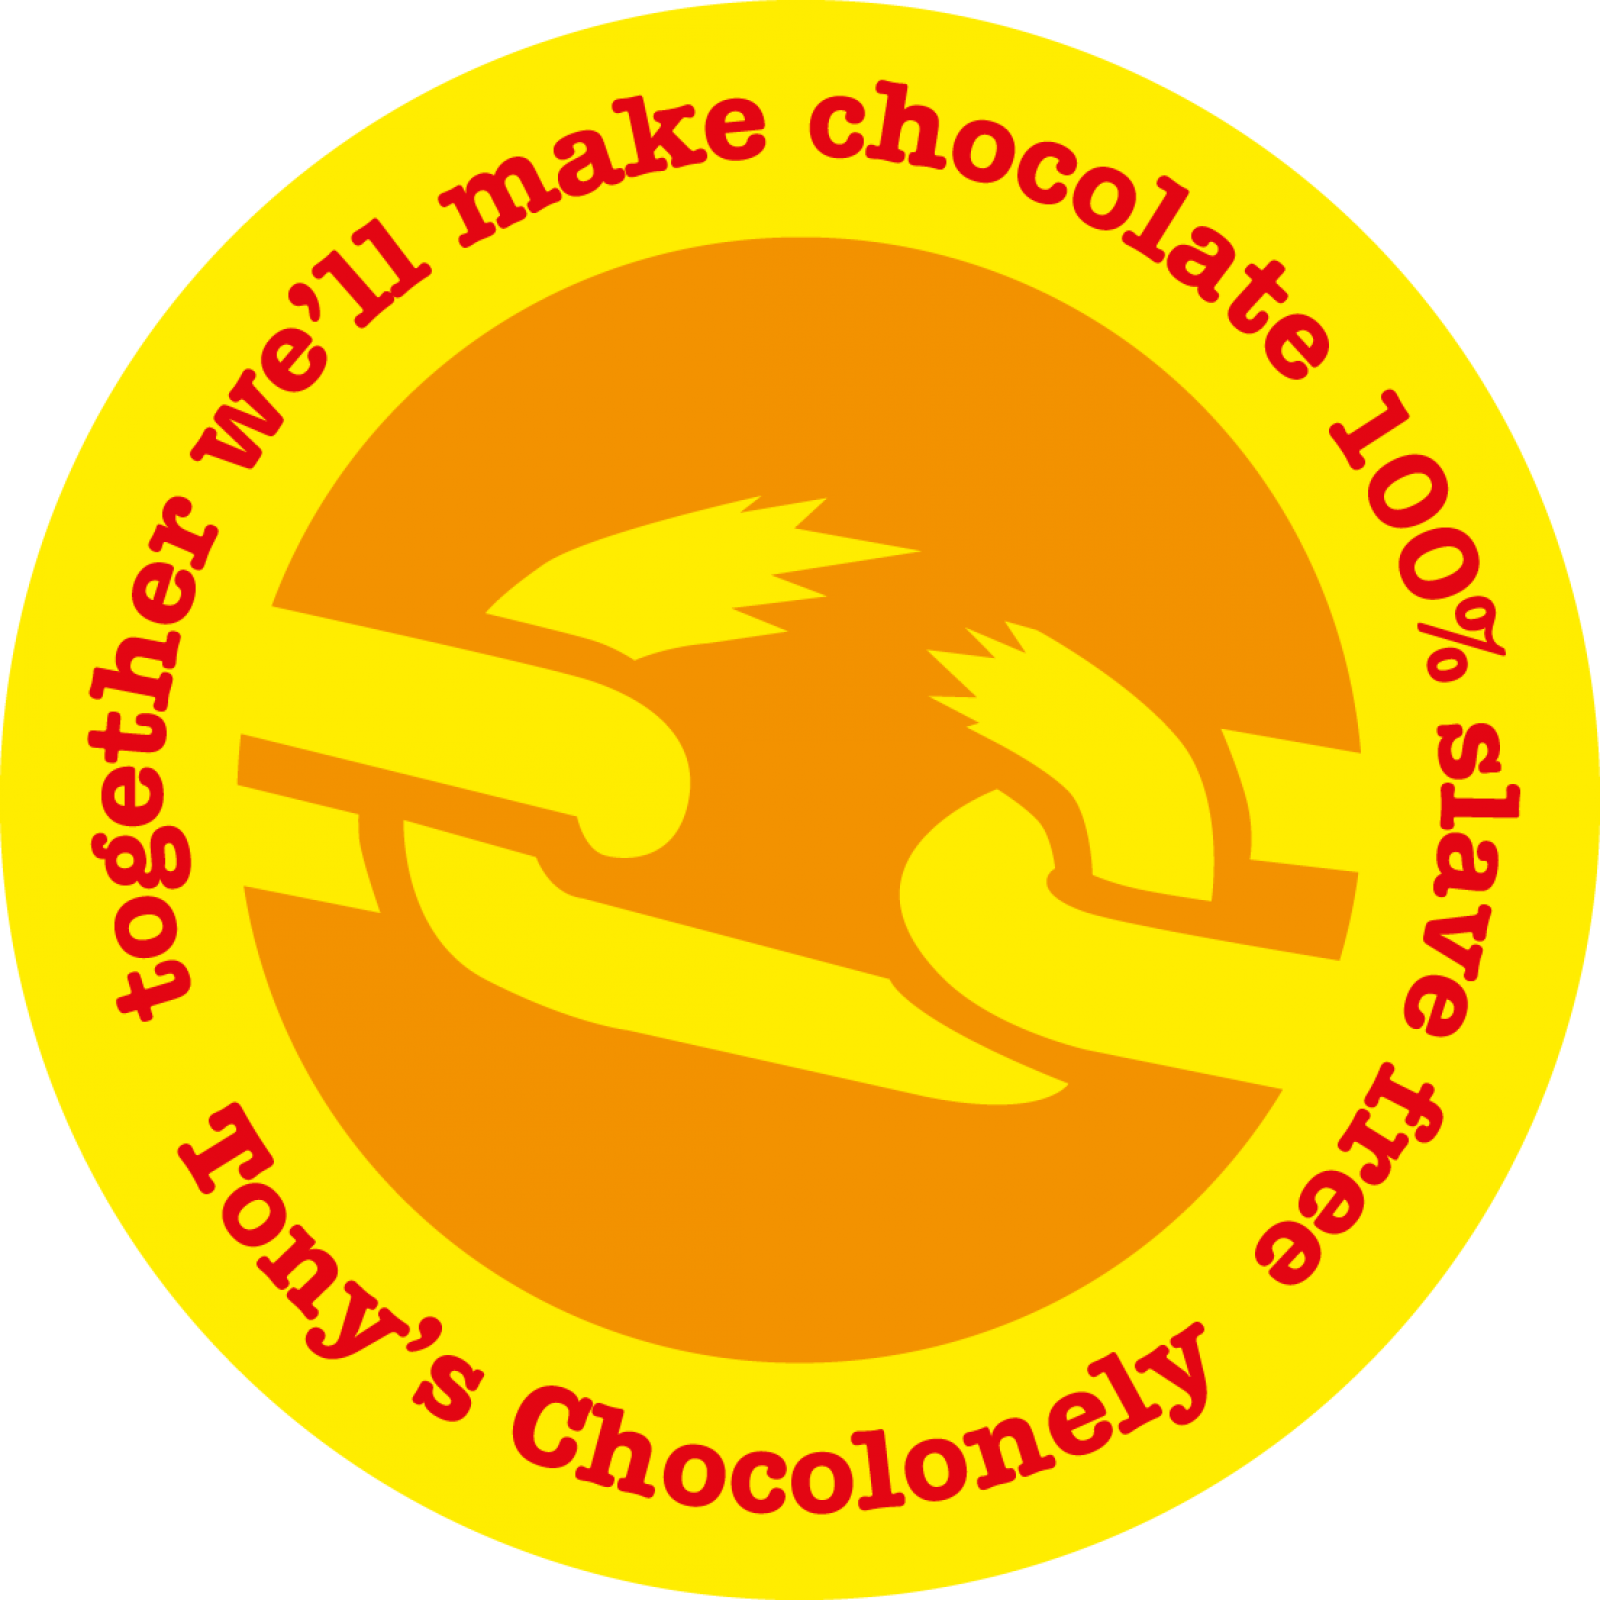 op weg naar 100% slaafvrije chocolade